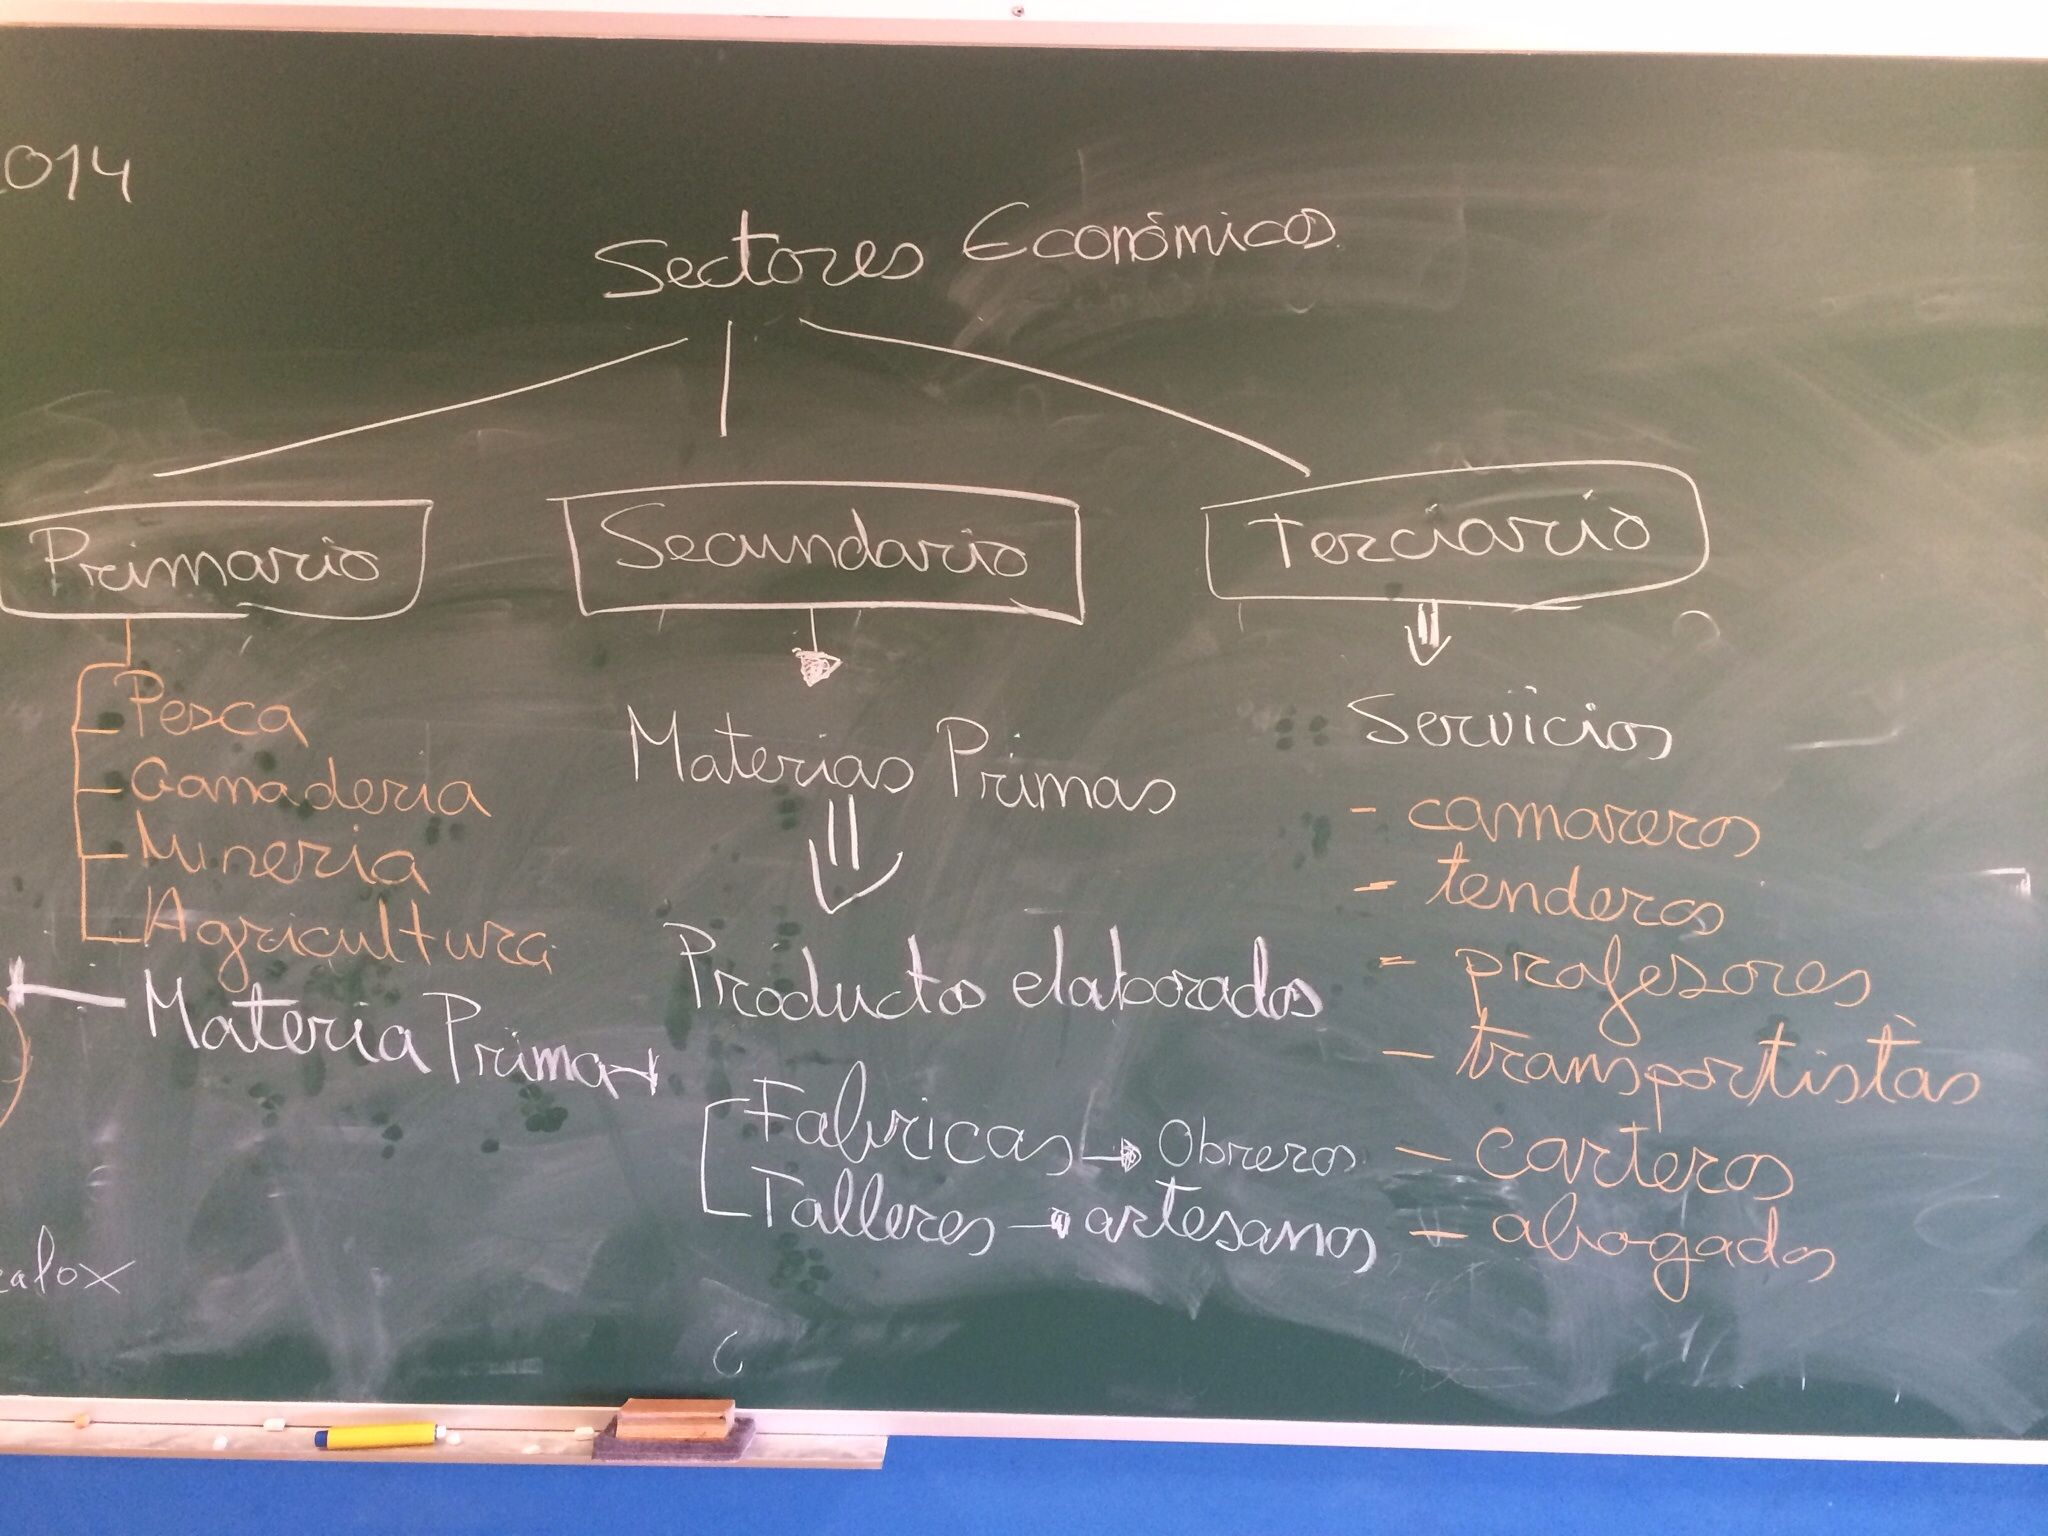 Ciencias naturales. Sectores económicos.